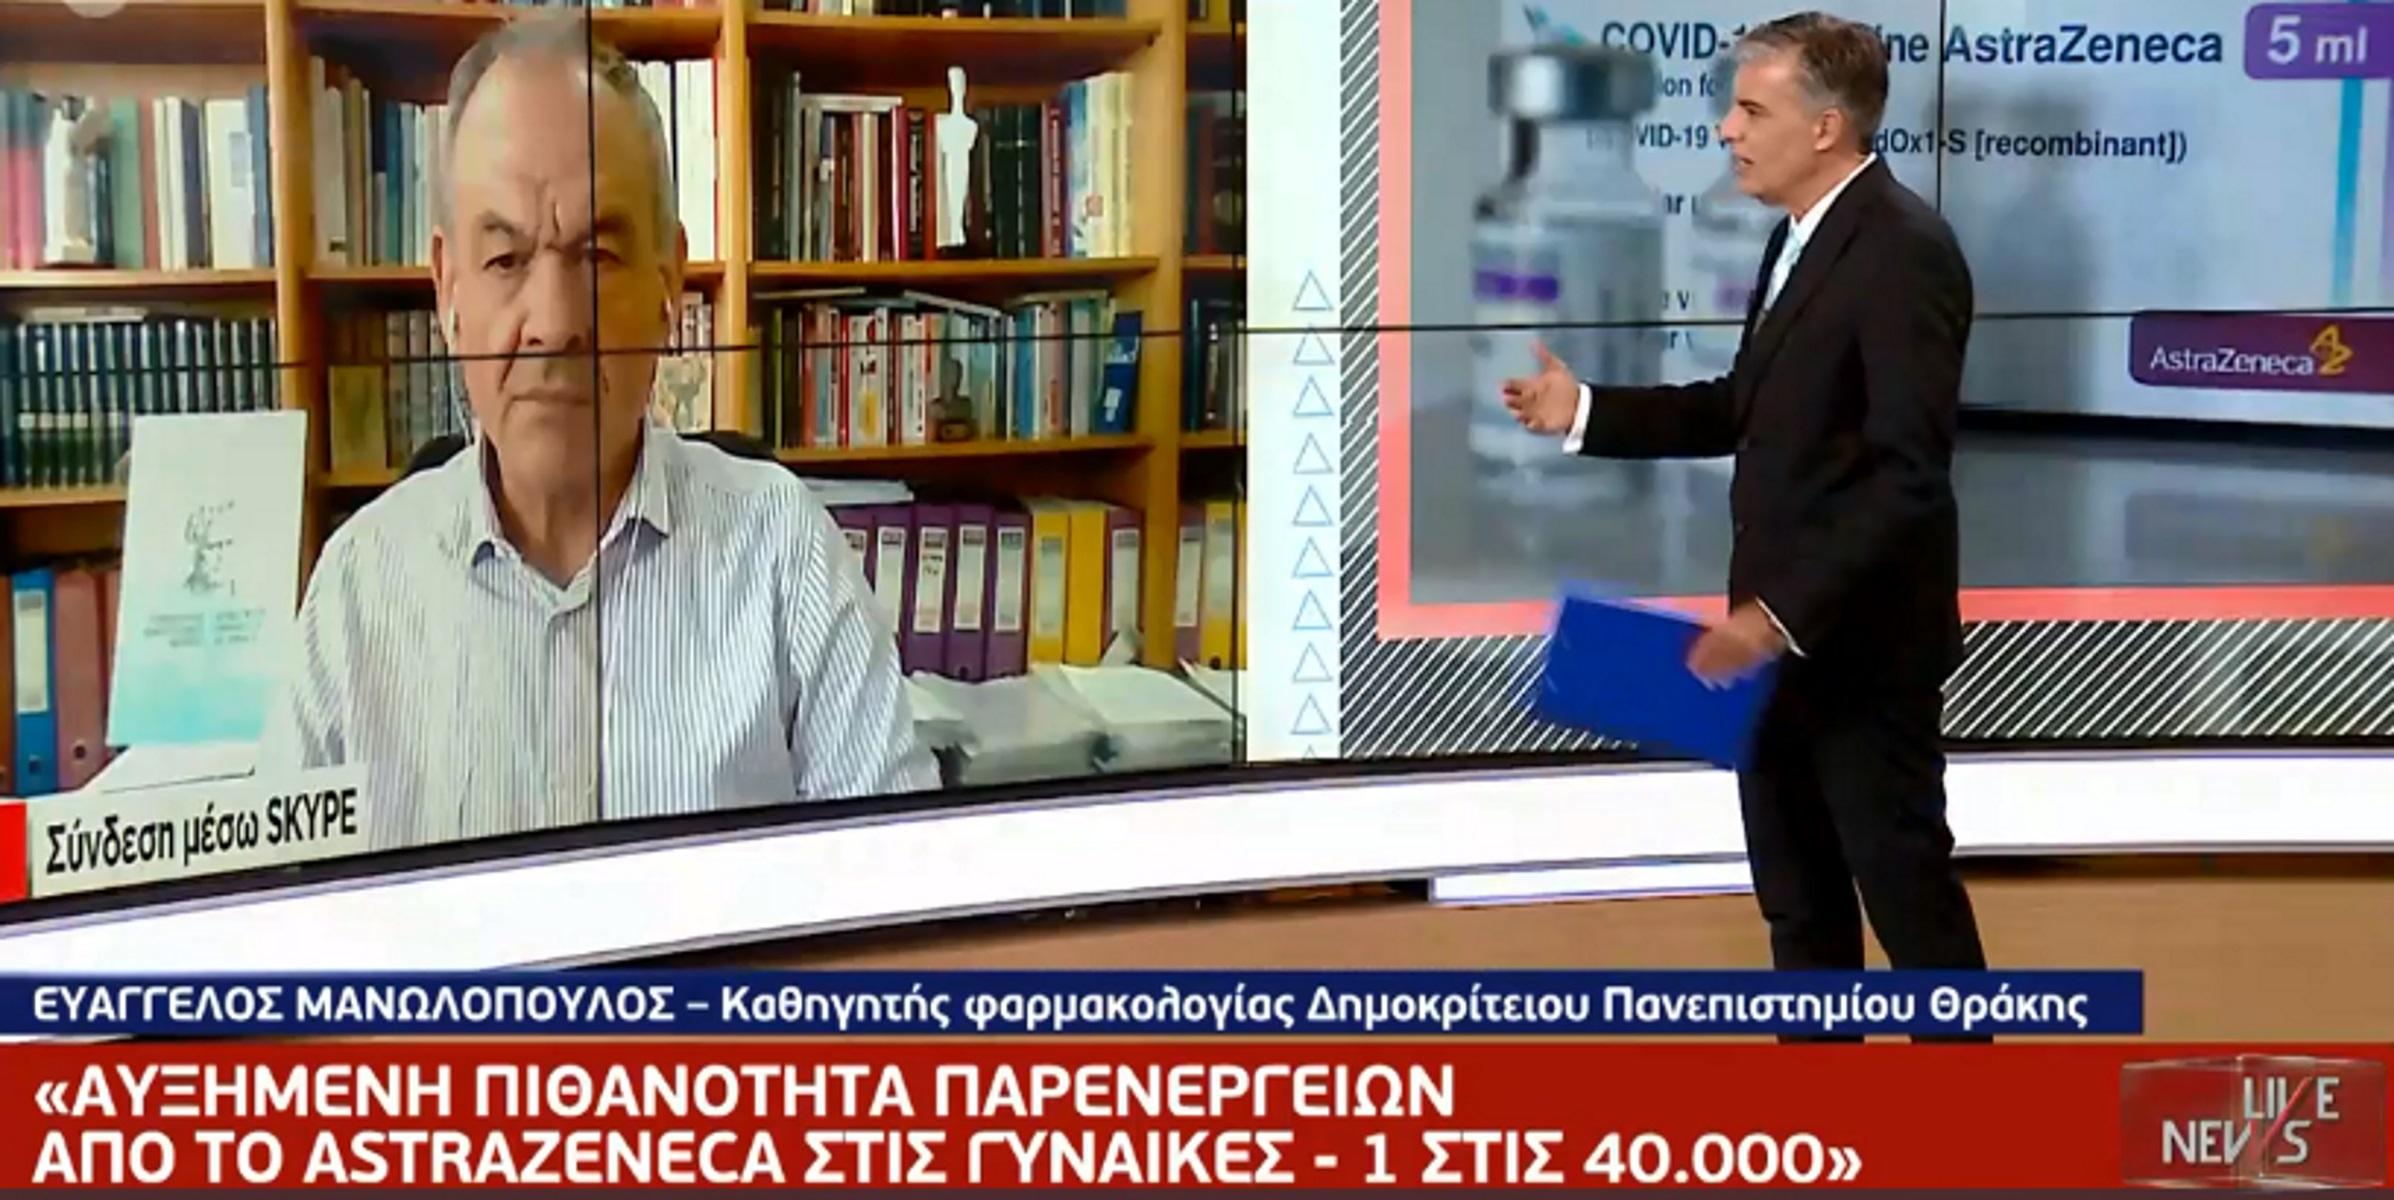 Ευάγγελος Μανωλόπουλος: Απαντήσεις για το AstraZeneca – Ποιοι να κάνουν τη δεύτερη δόση